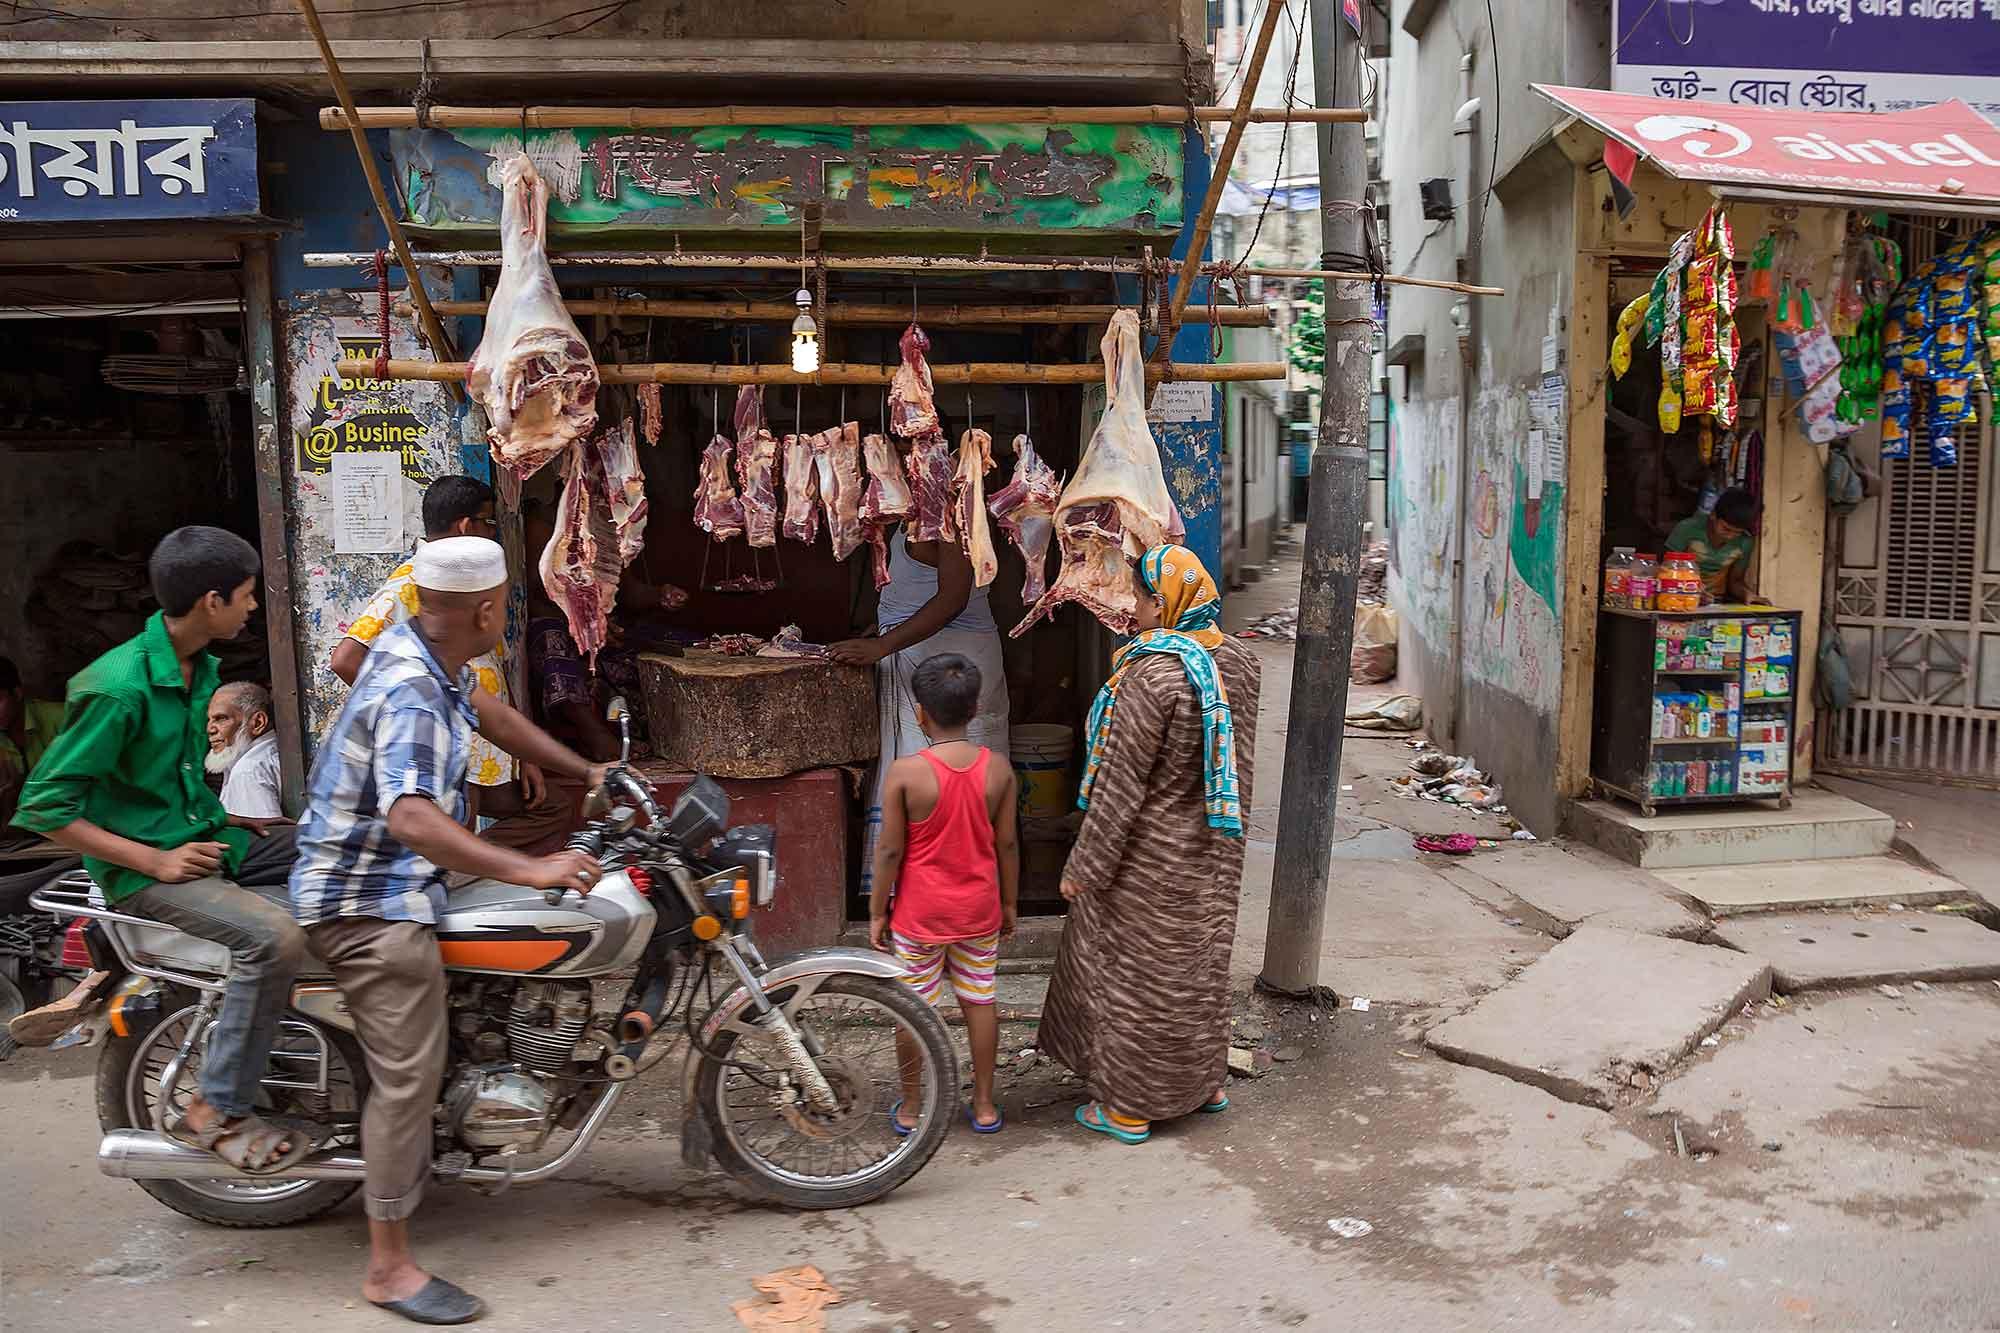 A butcher in Dhaka, Bangladesh. © Ulli Maier & Nisa Maier